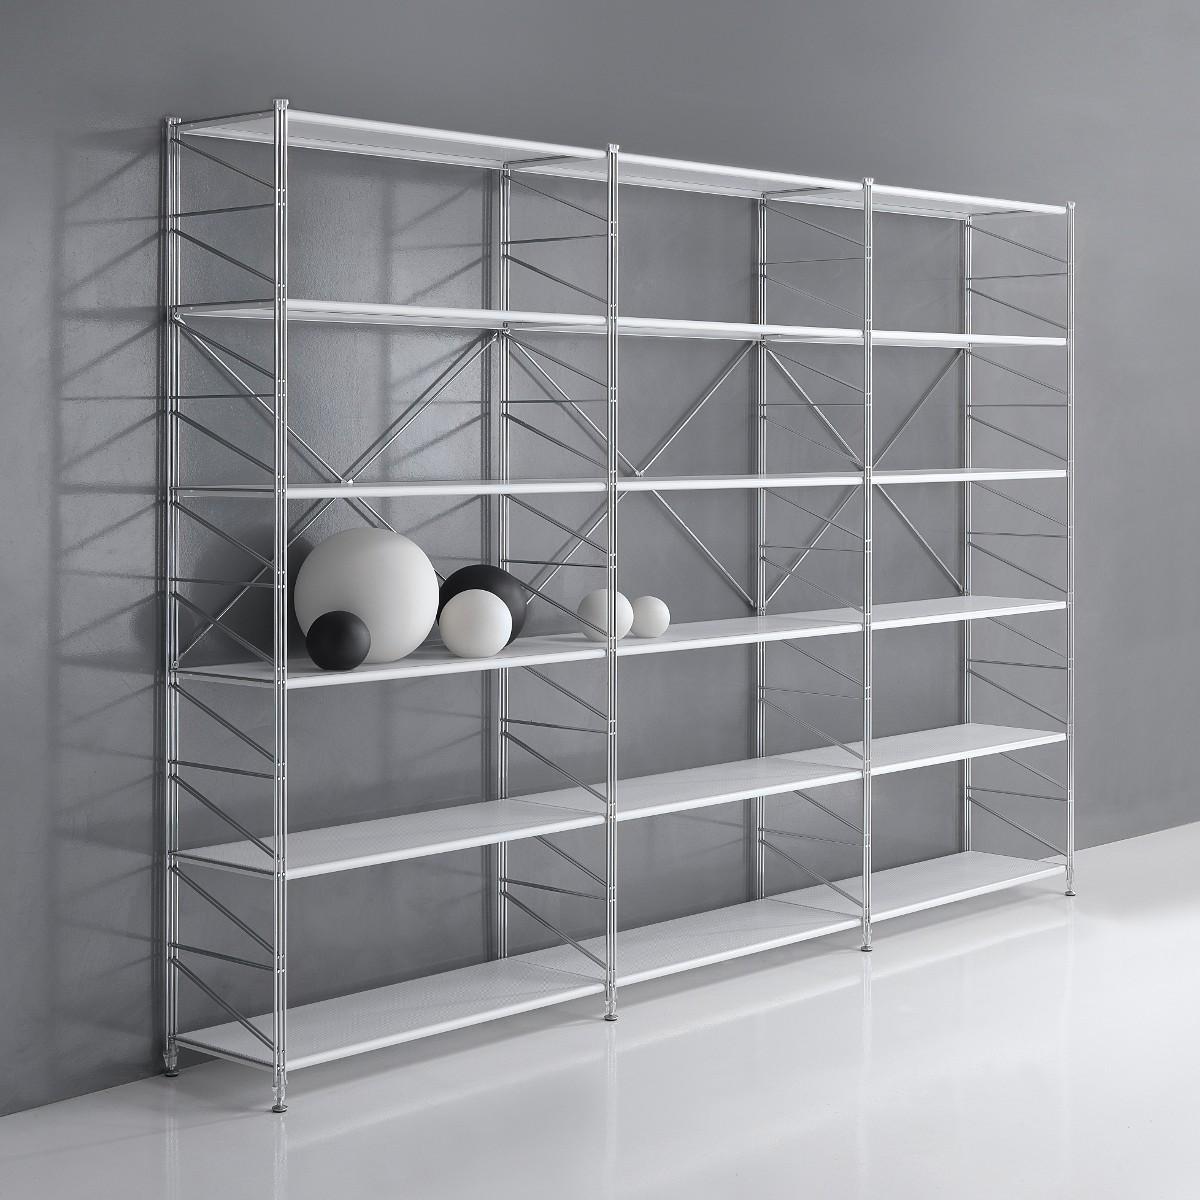 Librerie componibili in acciaio come creare scaffali e